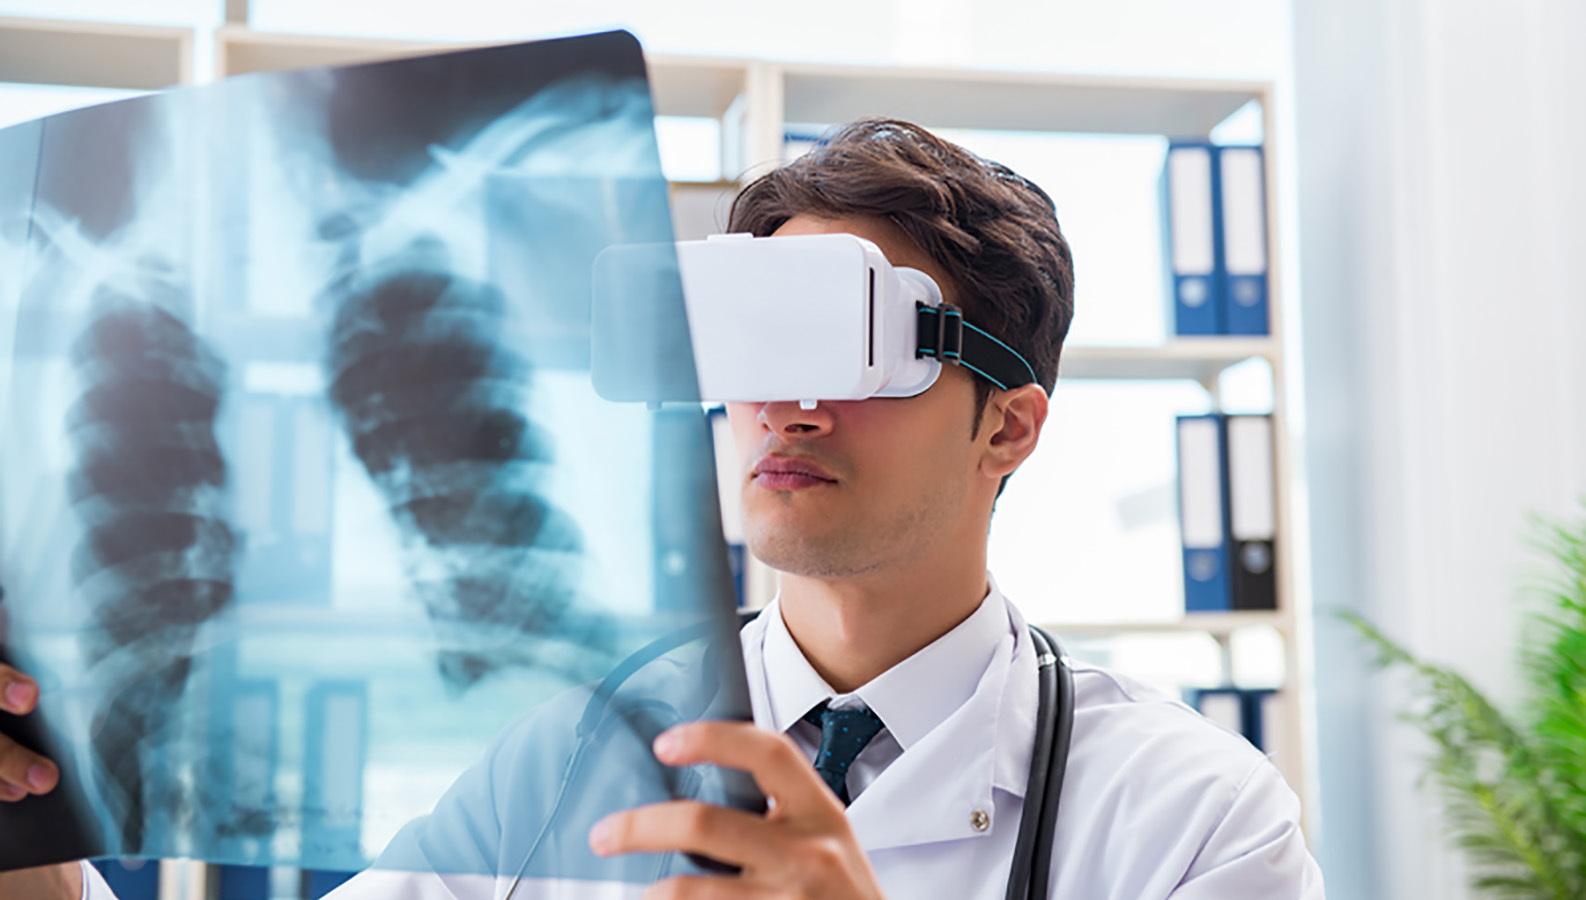 В Петербурге обсудят подготовку «врачей будущего»